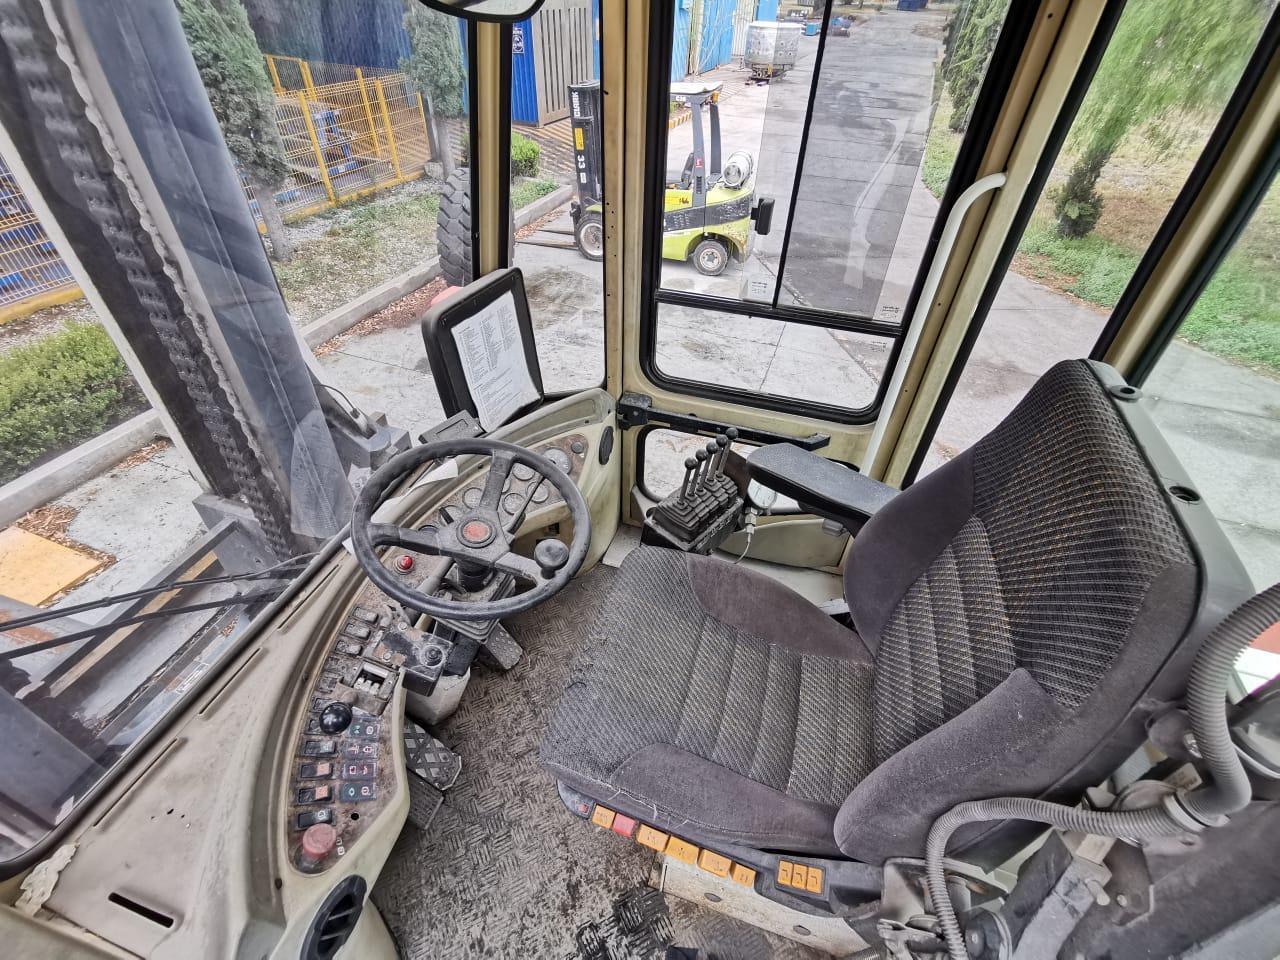 22 Ton Svetruck Fork Lift / Coil Lift  Truck - Year 2000